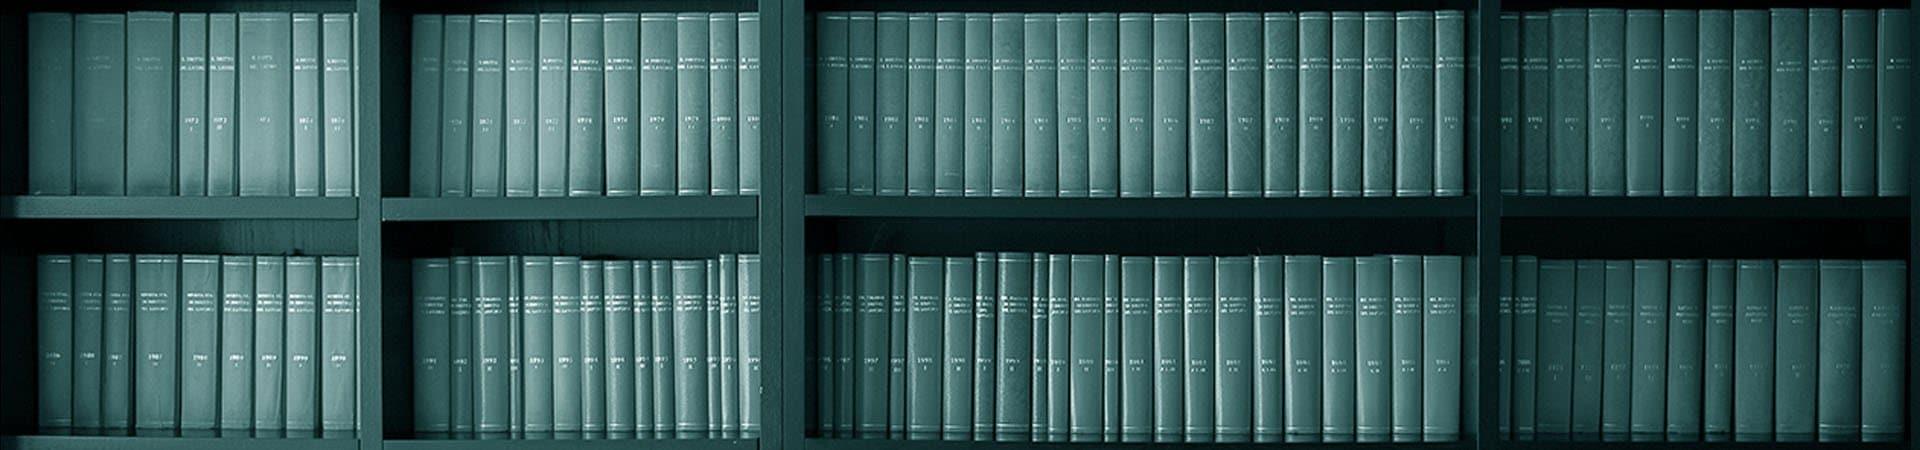 Studio Legale Bergamo | Avvocato Bergamo | Studio Legale Corvino